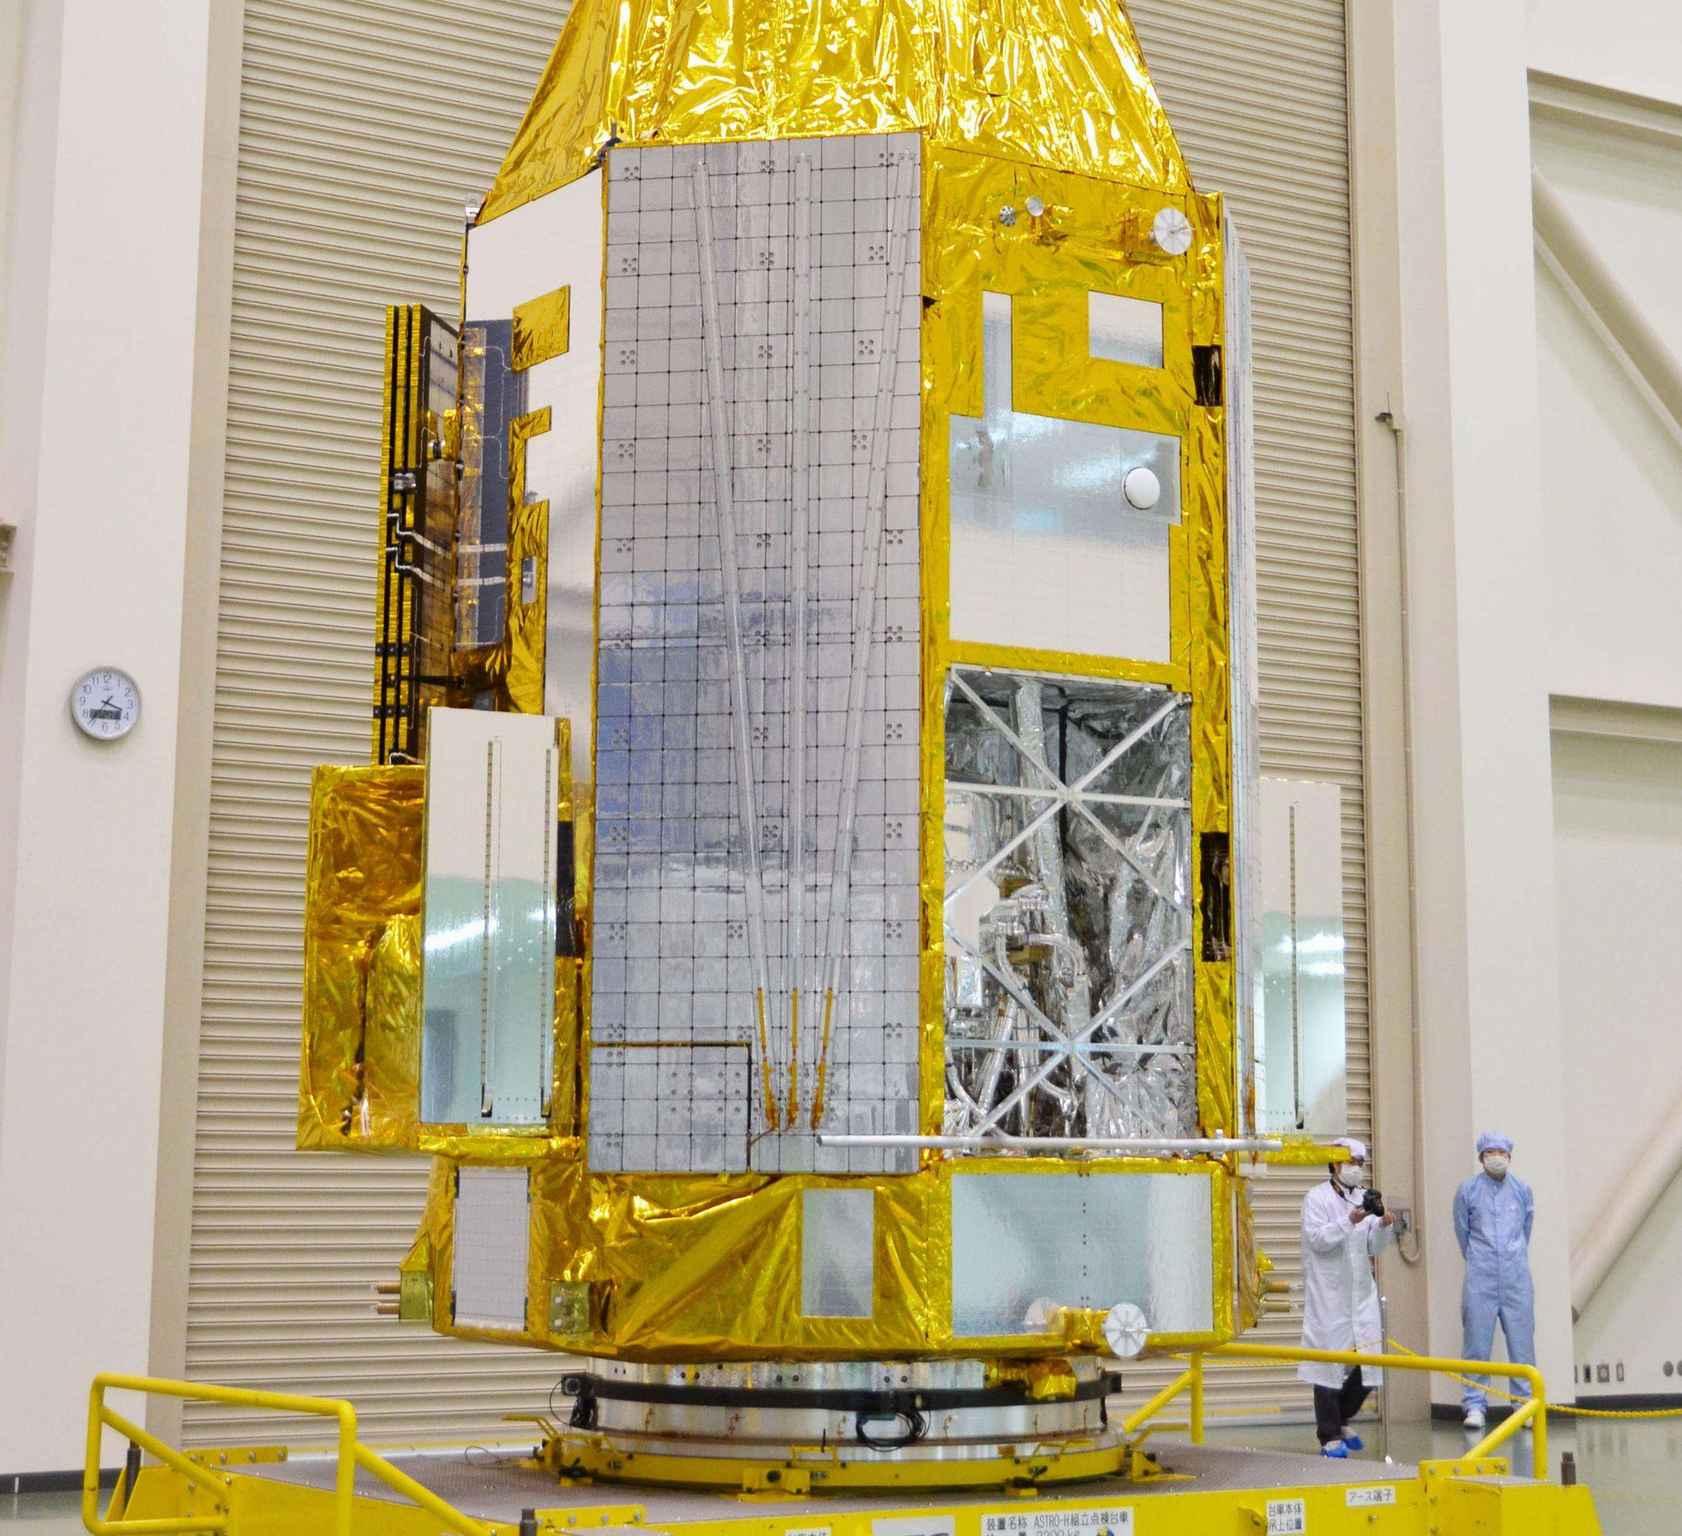 2016: Astro-H, le satellite japonais qui part scruter l'univers de l'extrême 2048x1536-fit_satellite-japonais-rayons-x-astro-h